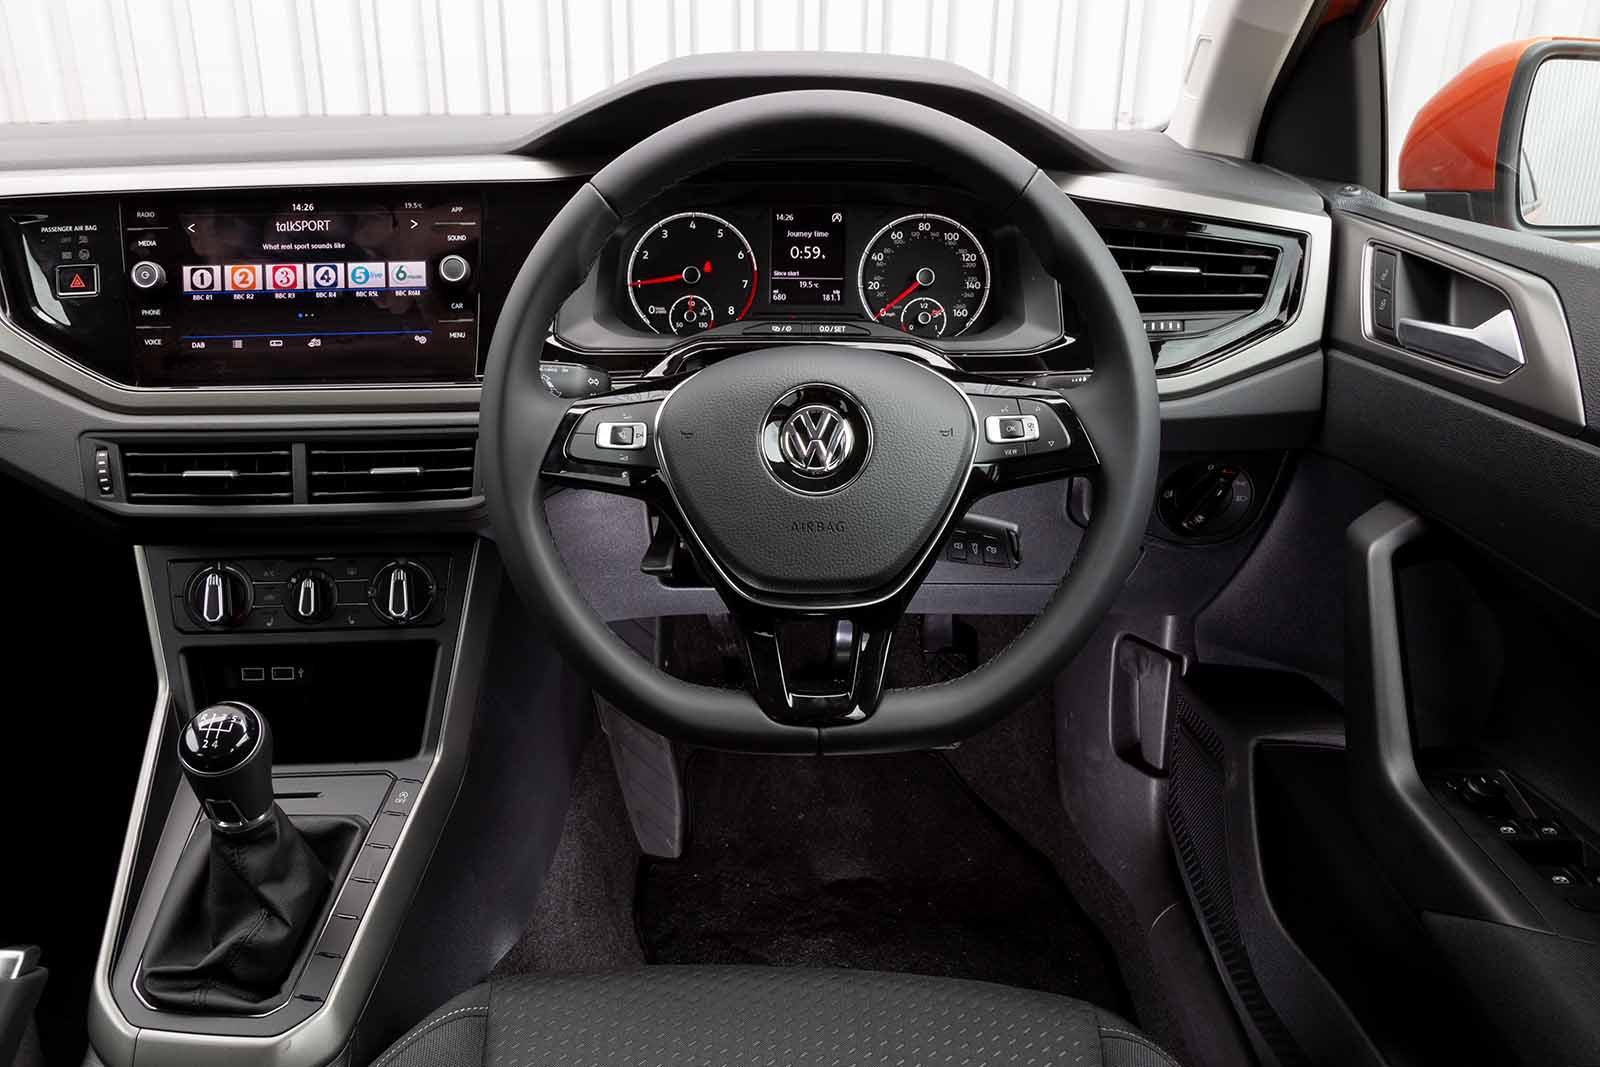 Volkswagen Polo 1.0 Evo 80 SE - interior